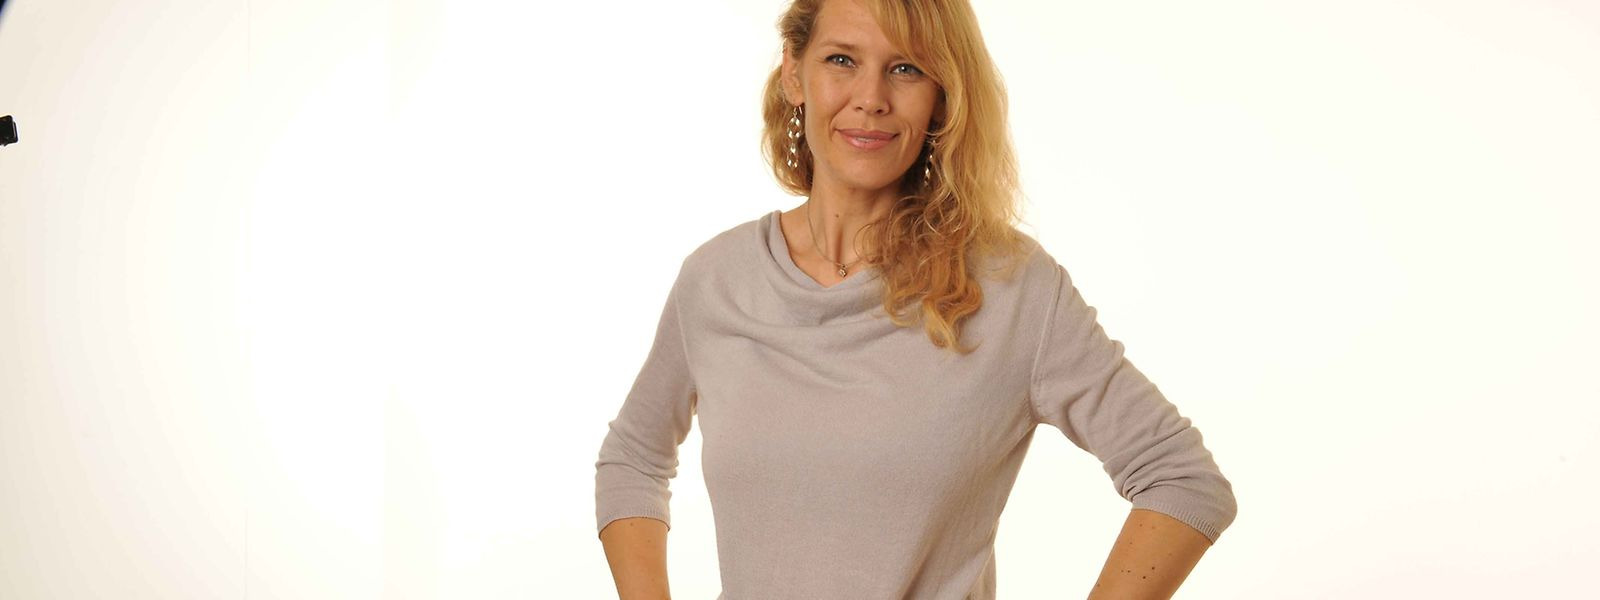 La dimension sociale est porteuse de valeurs, pour Hedda Pahlson-Moller, business angel.